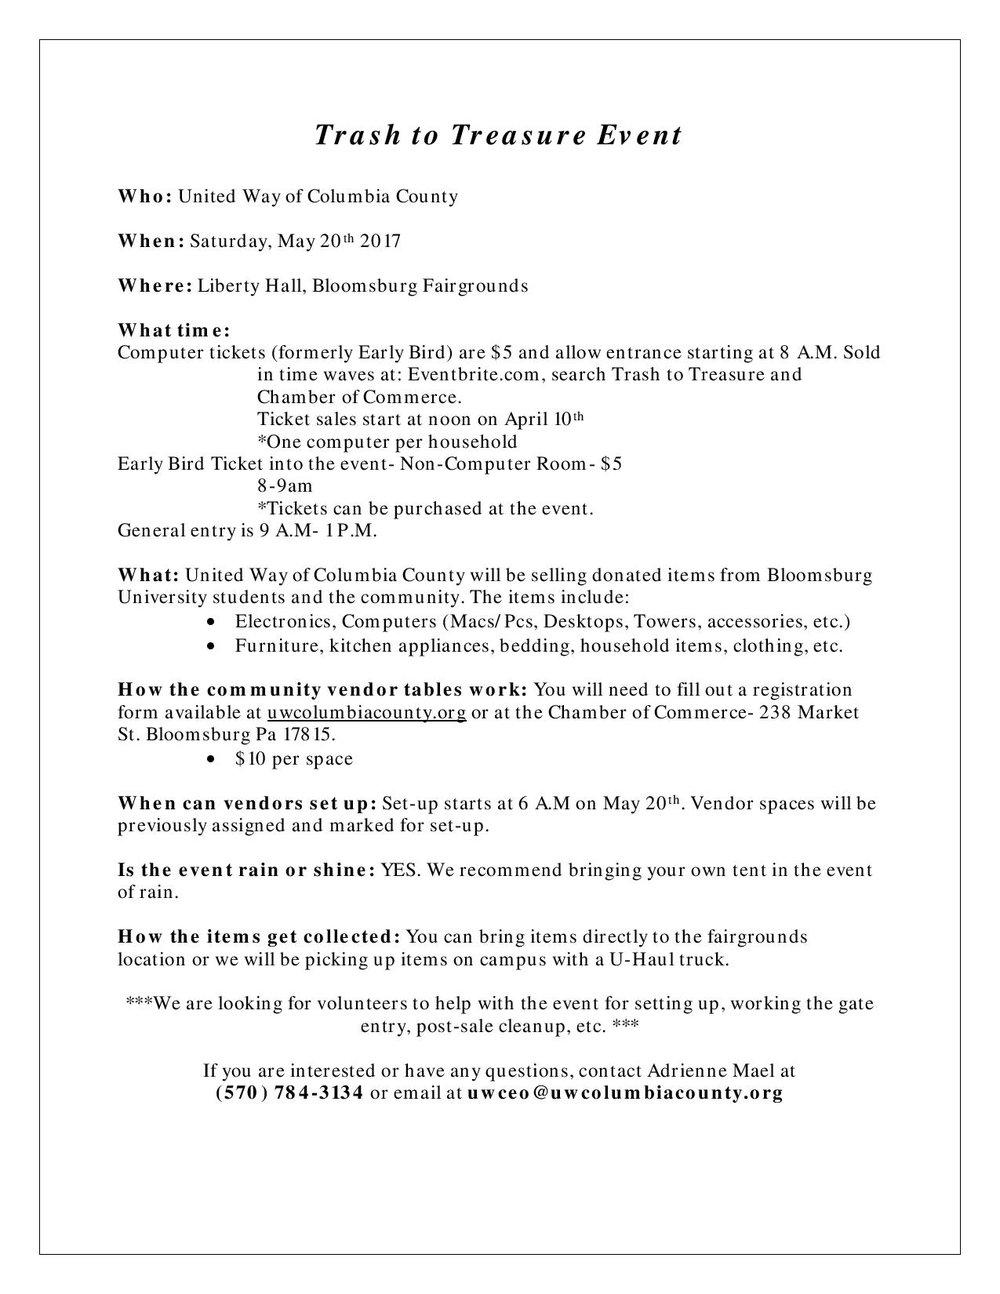 Trash to Treasure FAQ-page-001.jpg